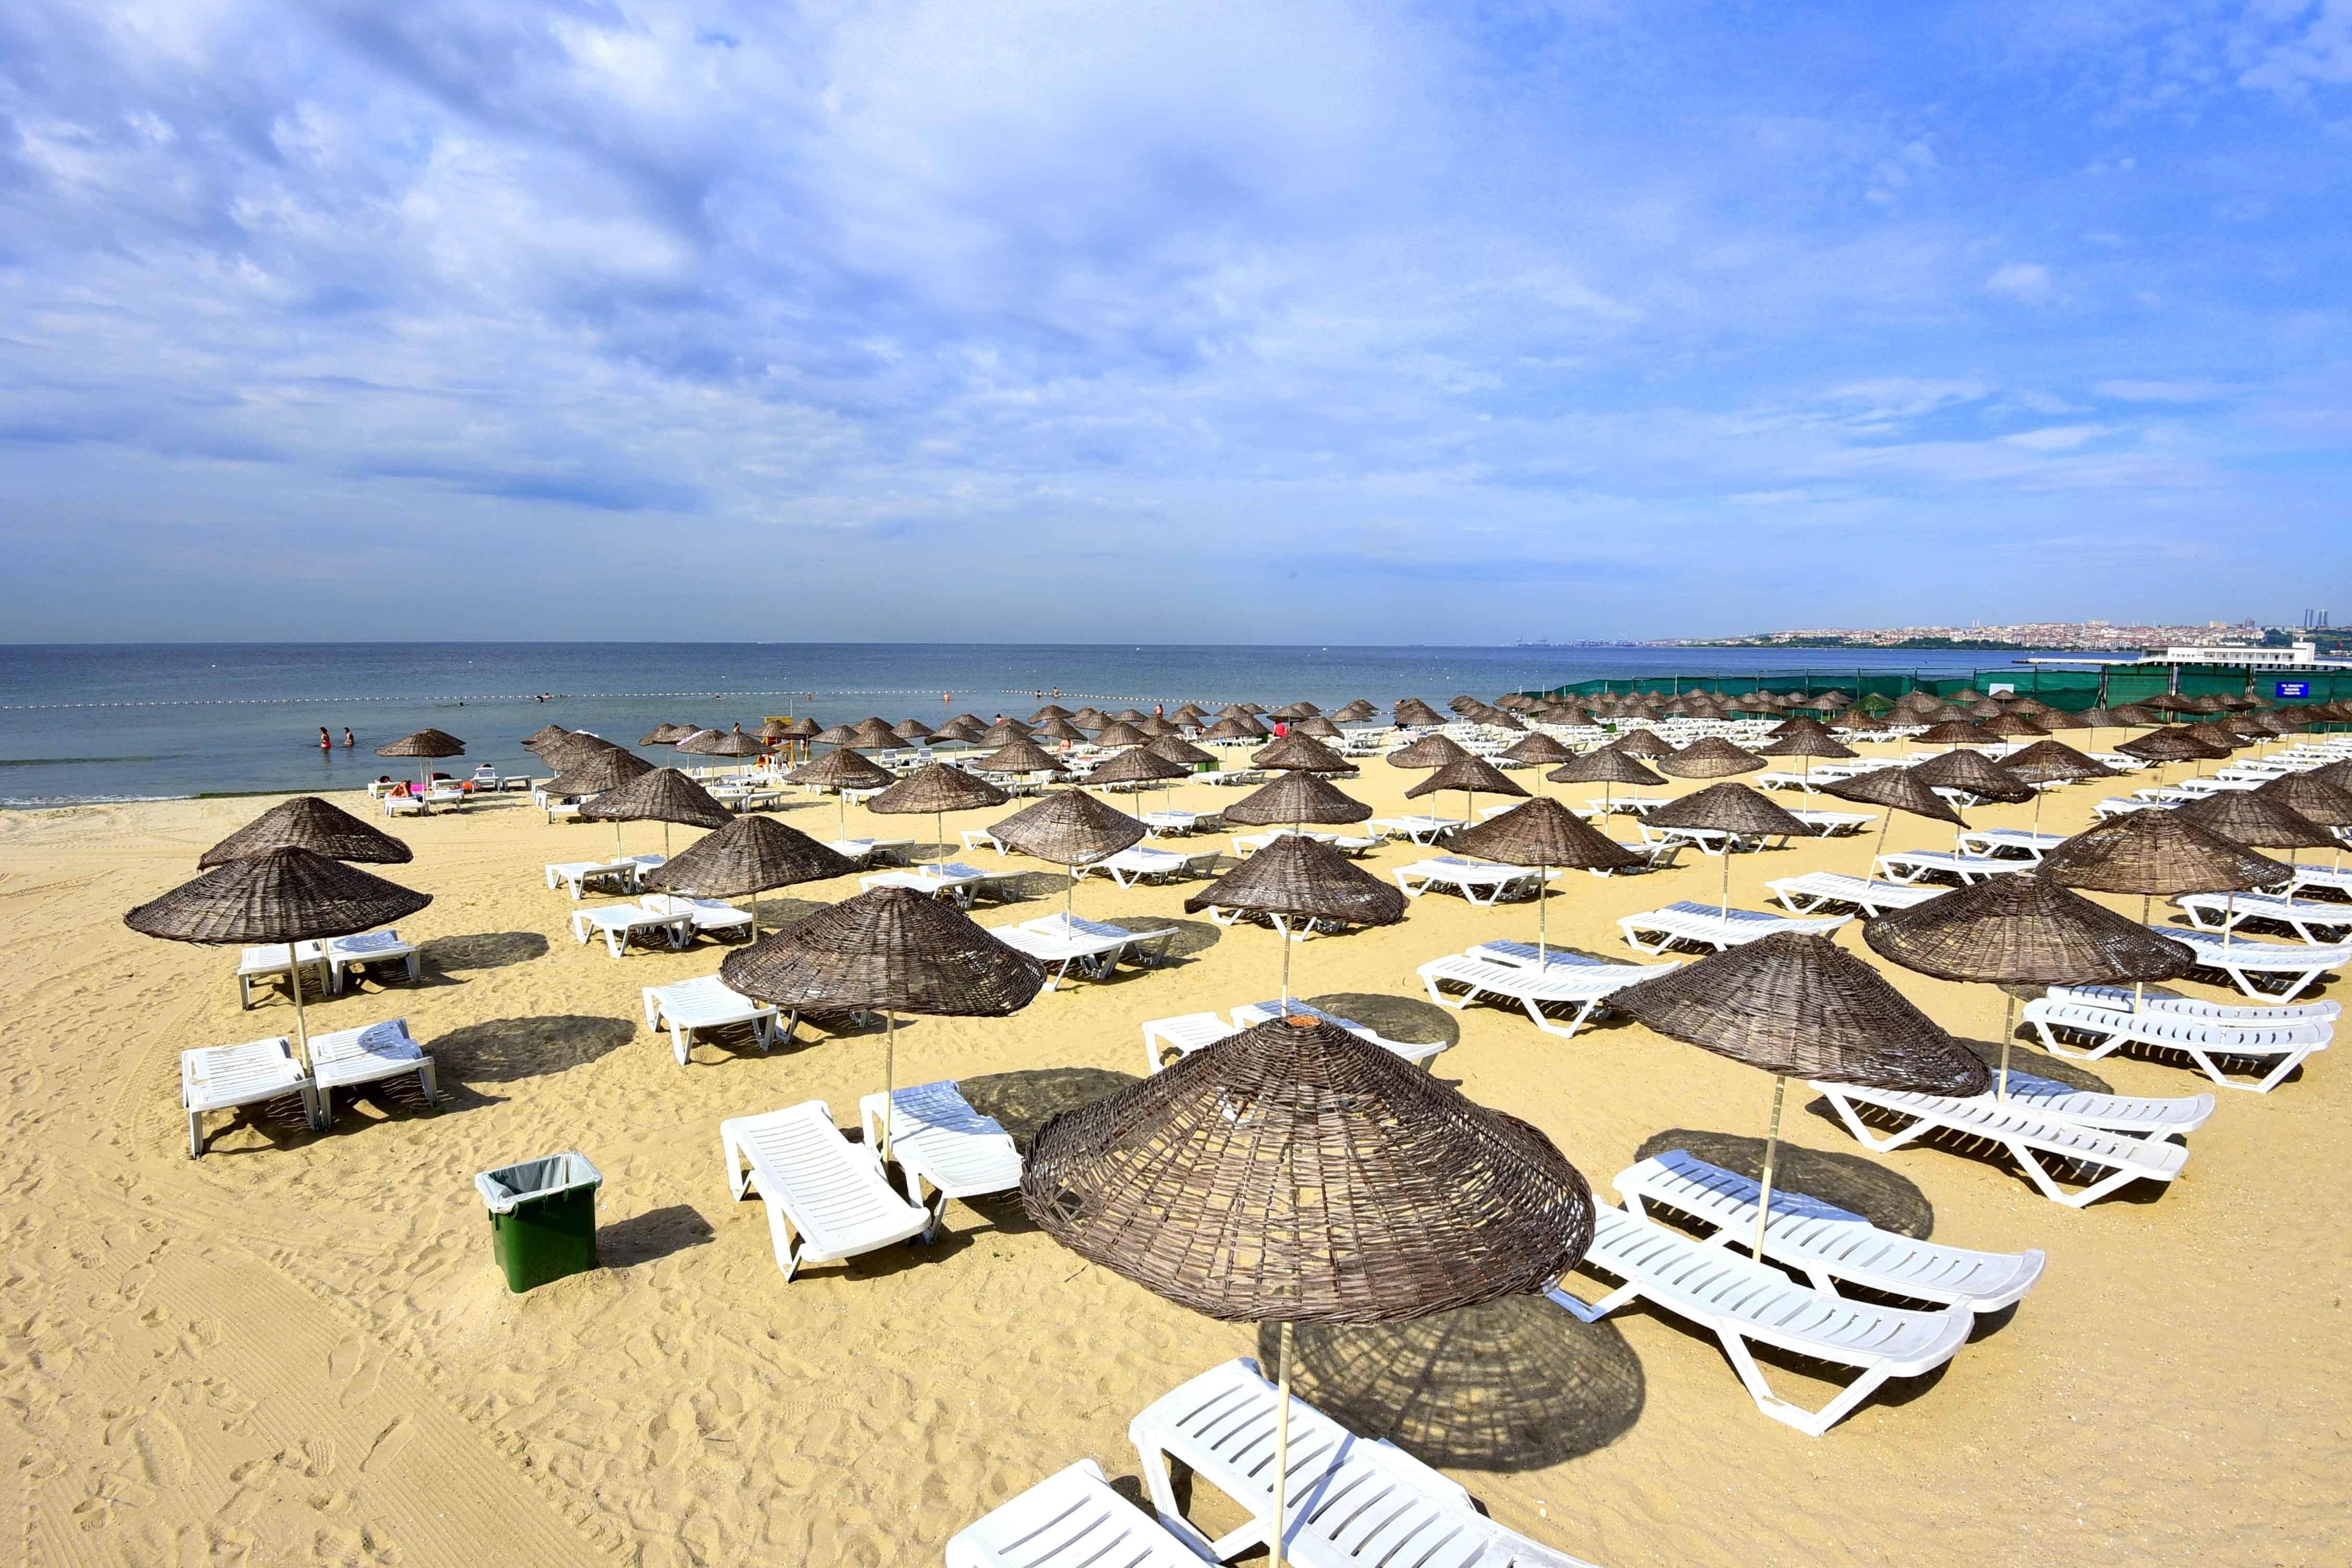 Güneş Plajı - İstanbul'un En İyi Plajları